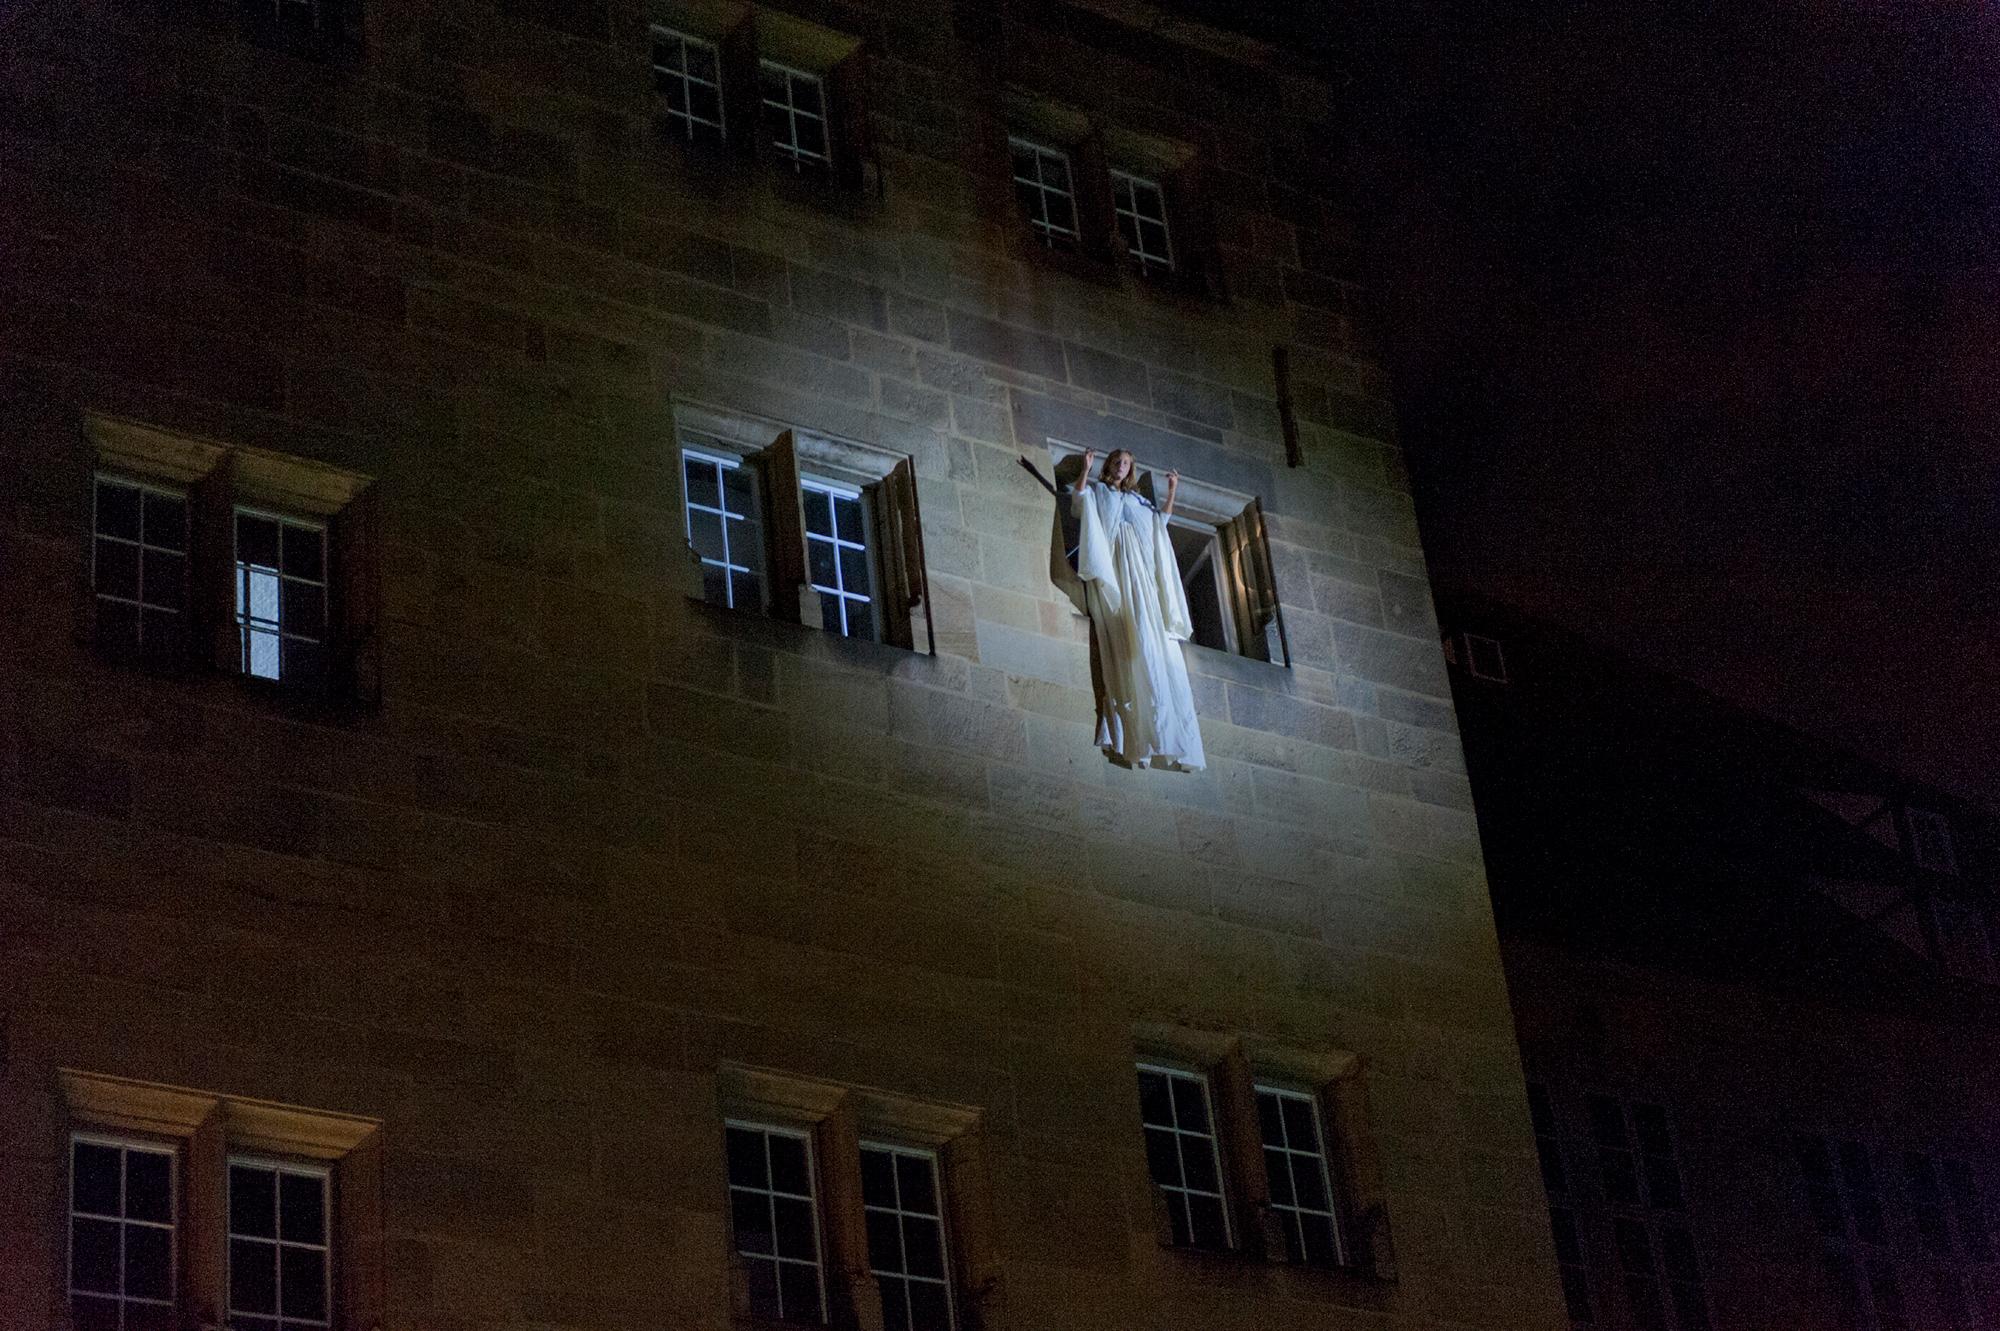 Das spektakuläre Finale im Innenhof des Alten Schlosses rundet den Abend ab.